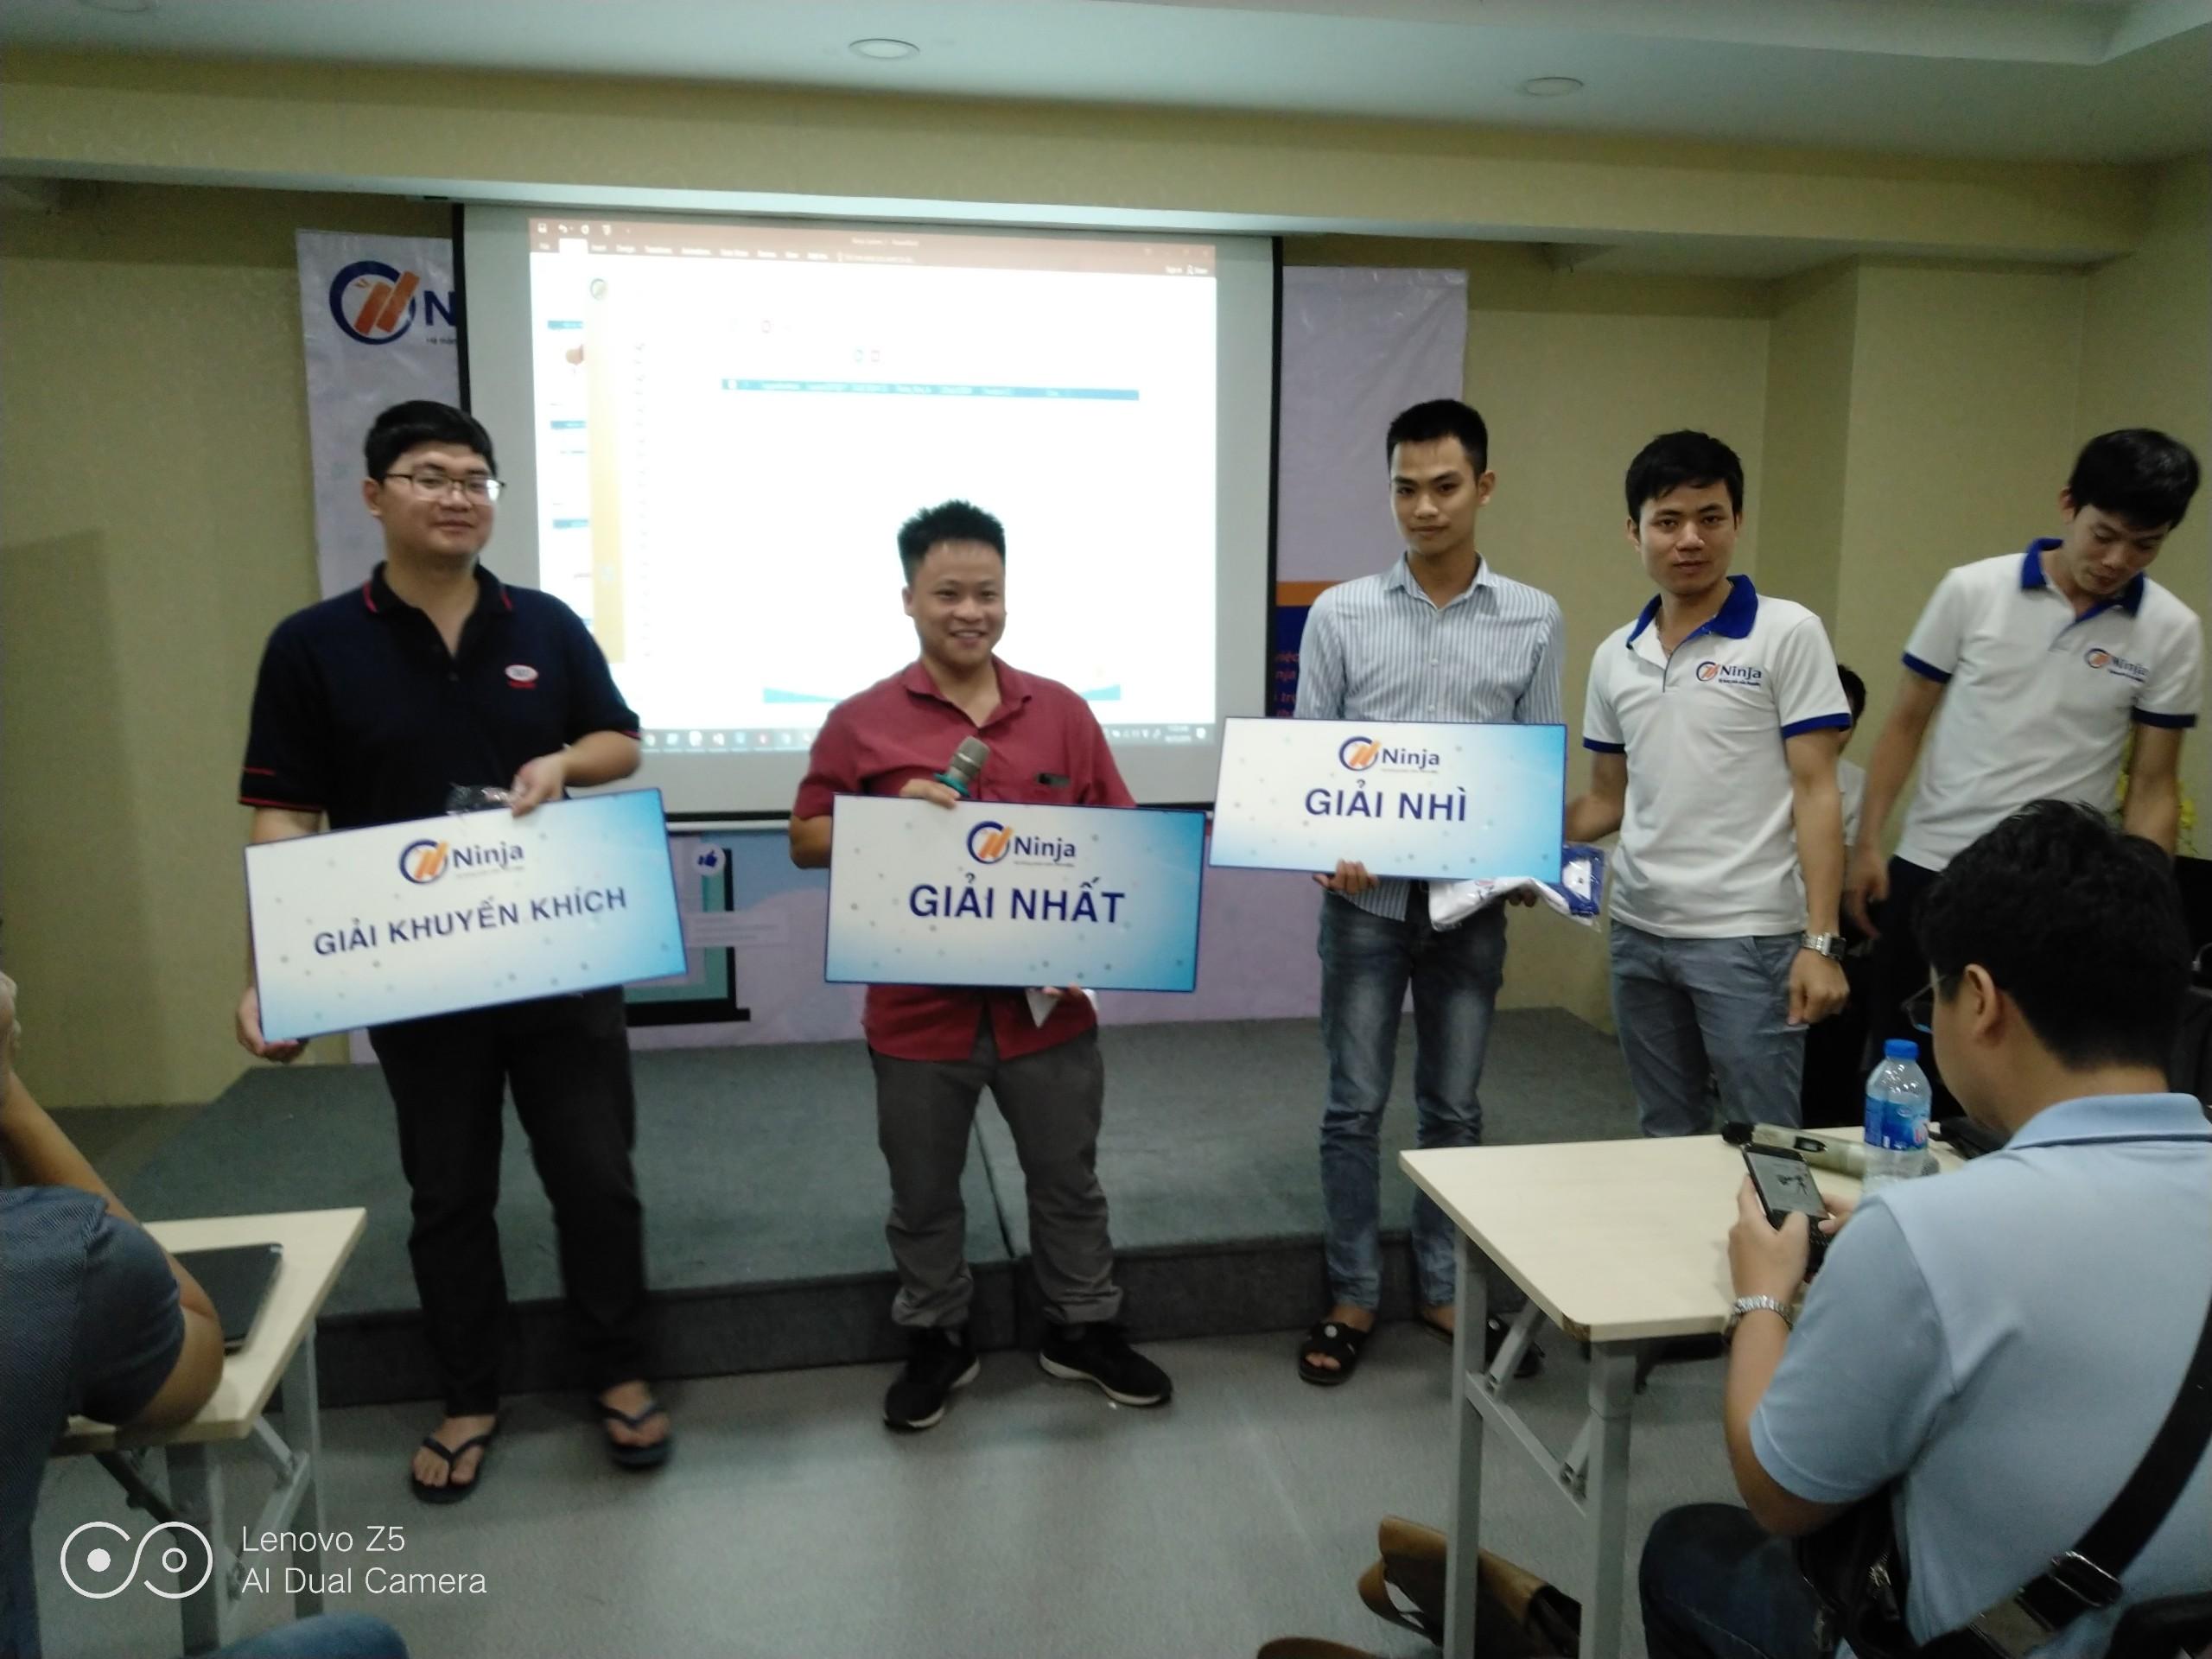 dao tao ninja system Tổng kết offline đào tạo Ninja System   phần mềm nuôi nick điện thoại số 1 Việt Nam